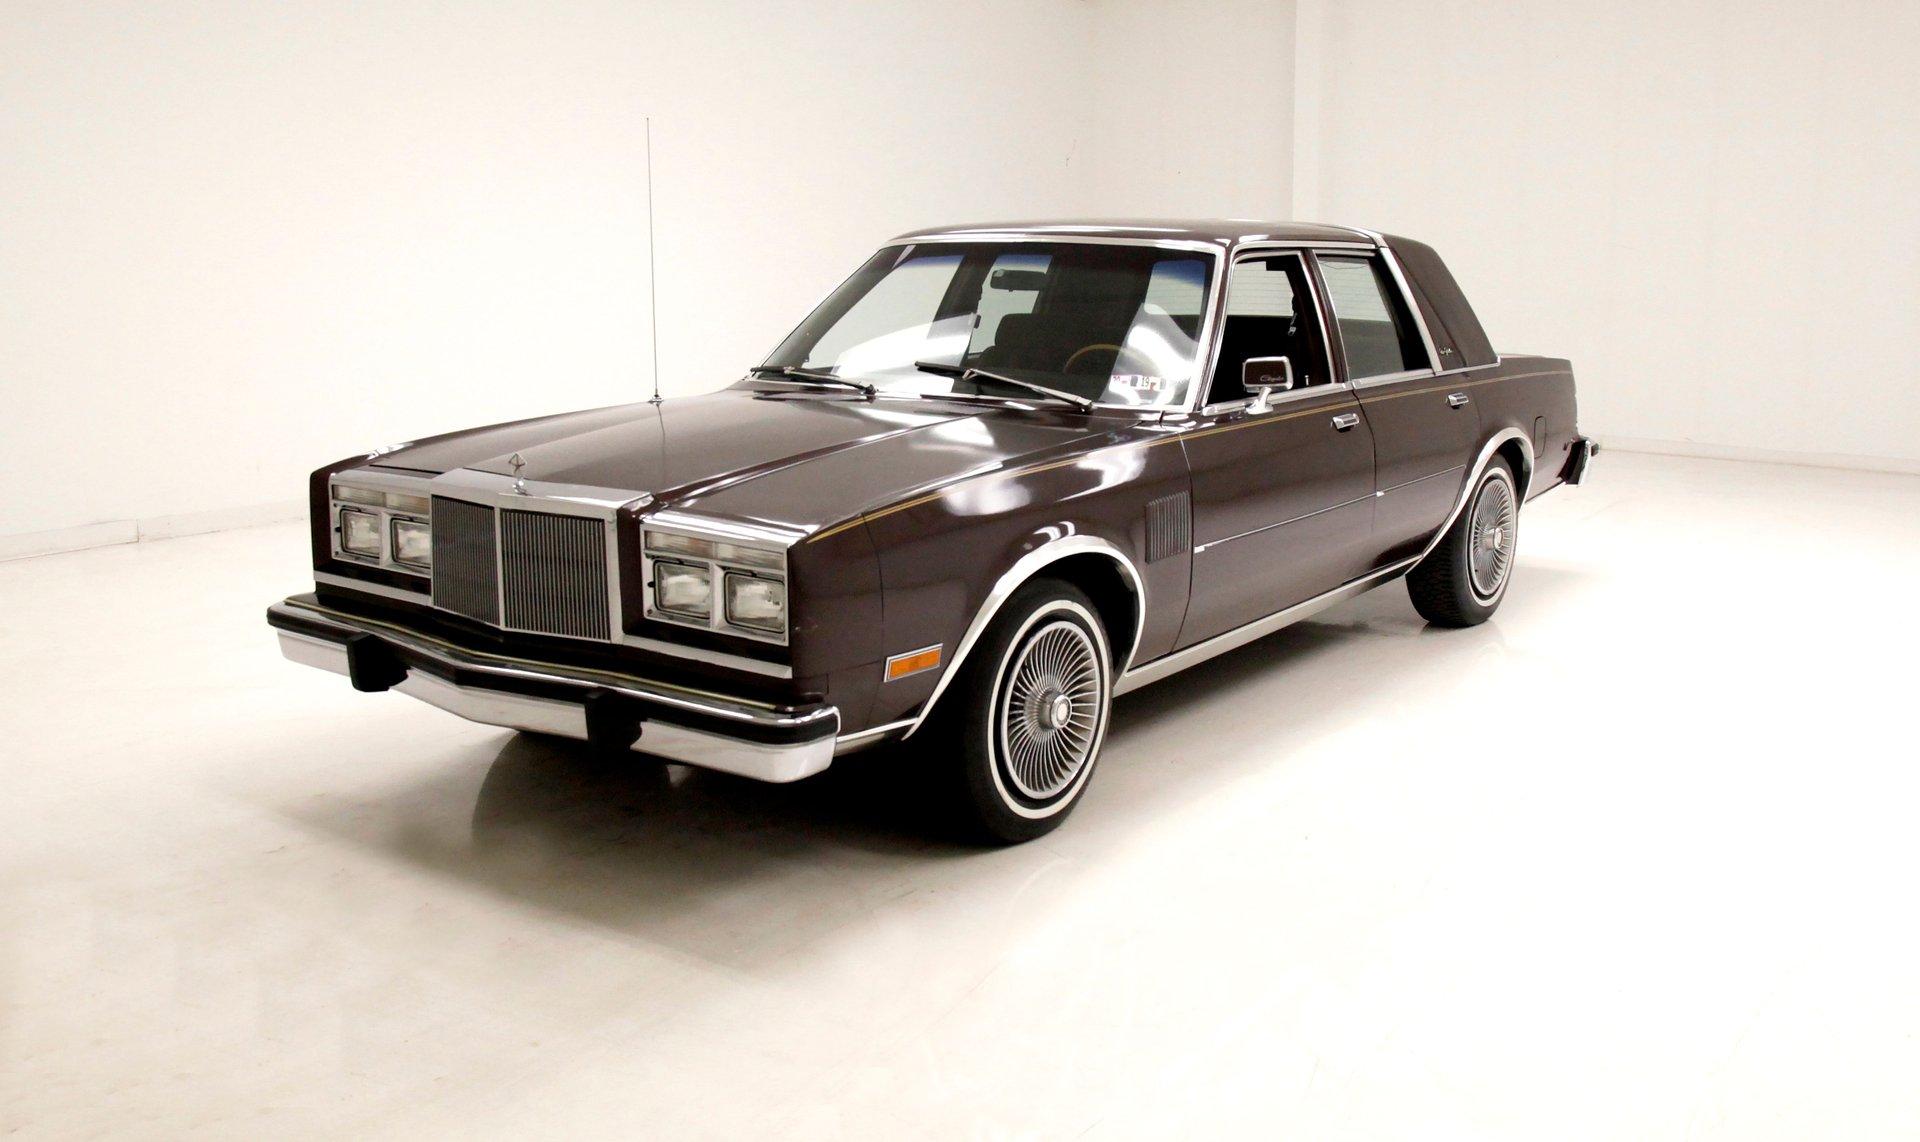 1982 Chrysler New Yorker